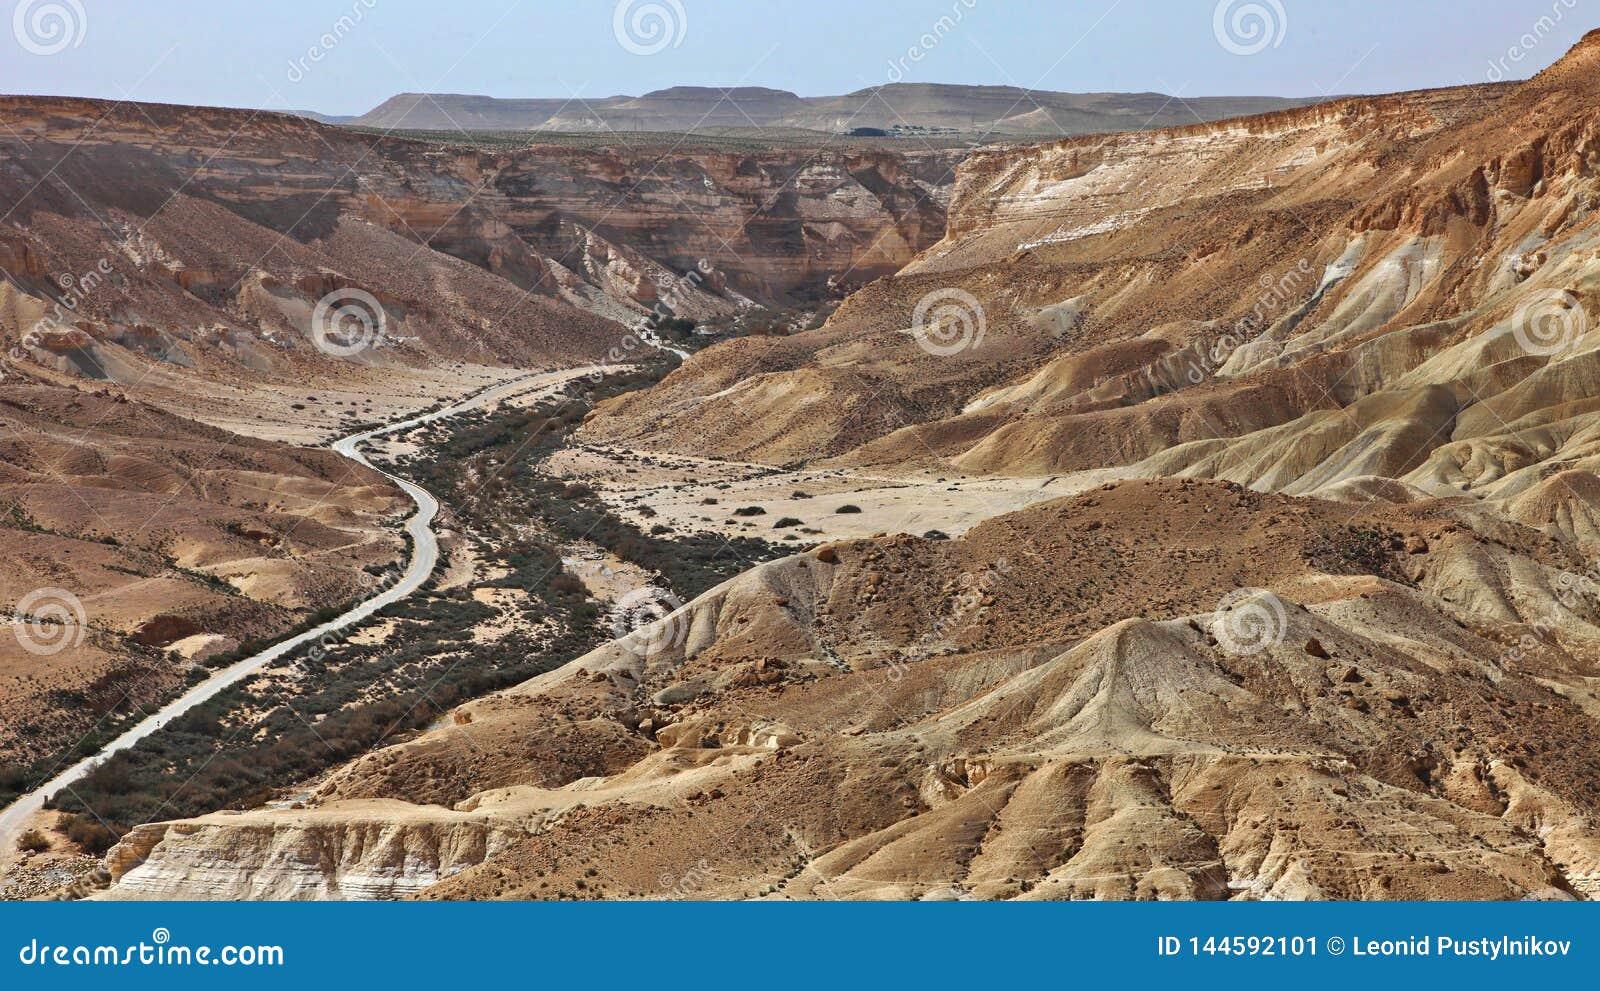 Machtesh Ramon - cratere di erosione nel deserto di Negev, il punto di riferimento naturale più pittoresco di Israele